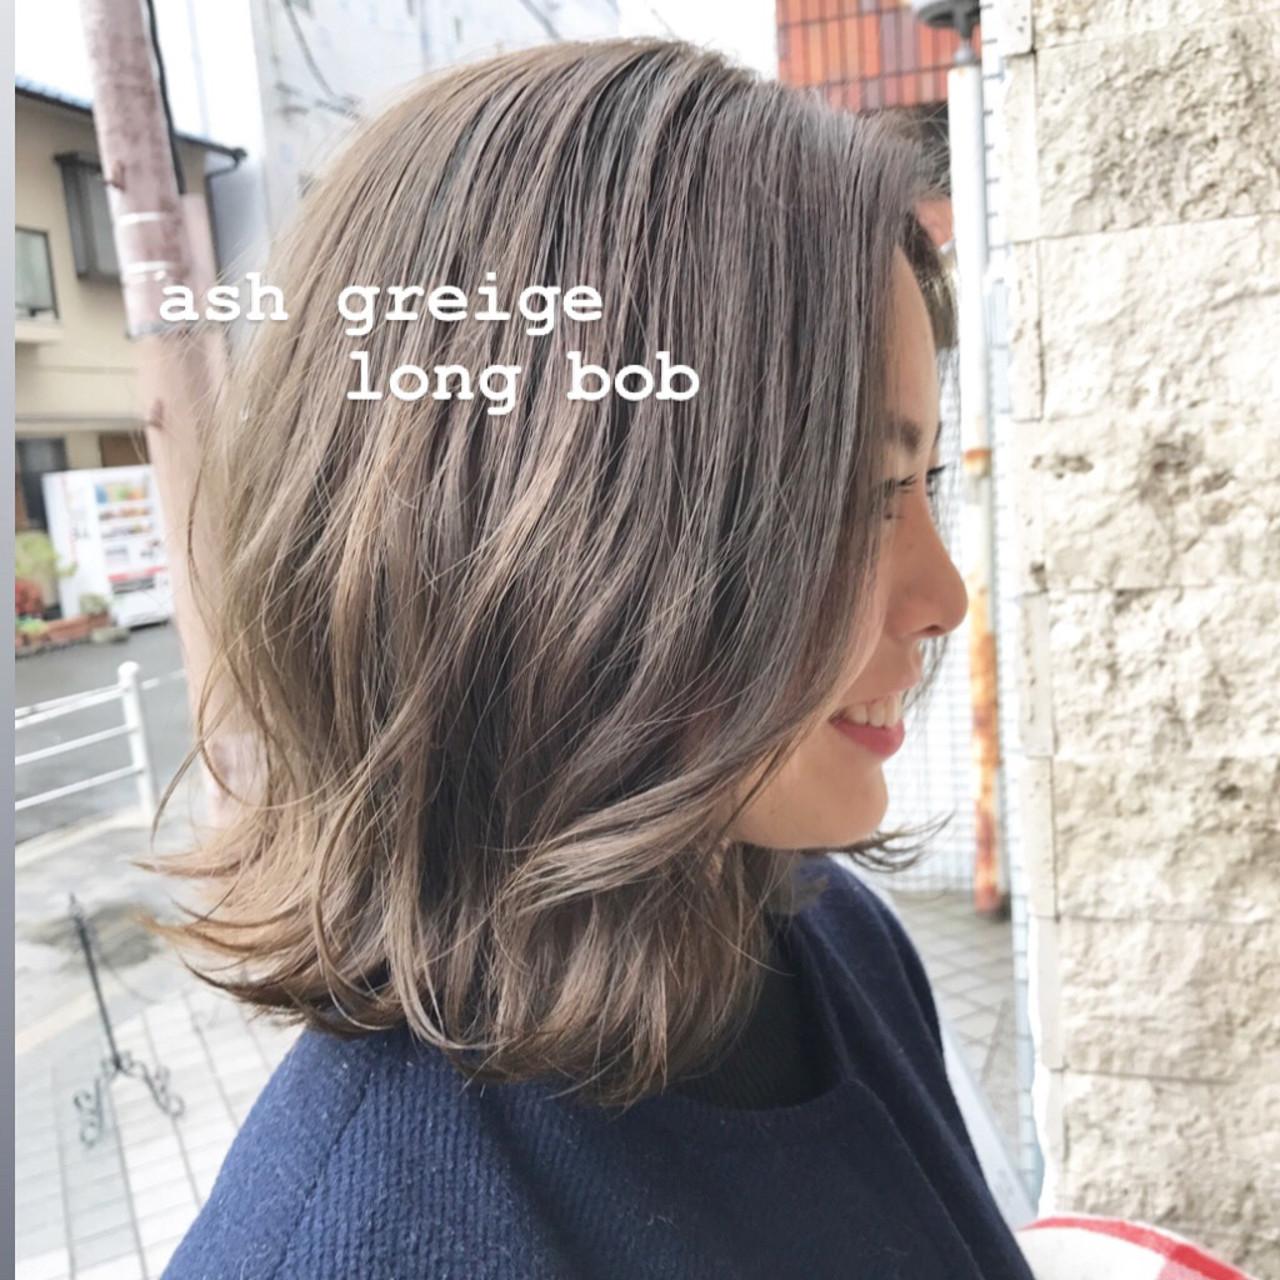 まとまるボブ ロブ ナチュラル アッシュグレージュ ヘアスタイルや髪型の写真・画像